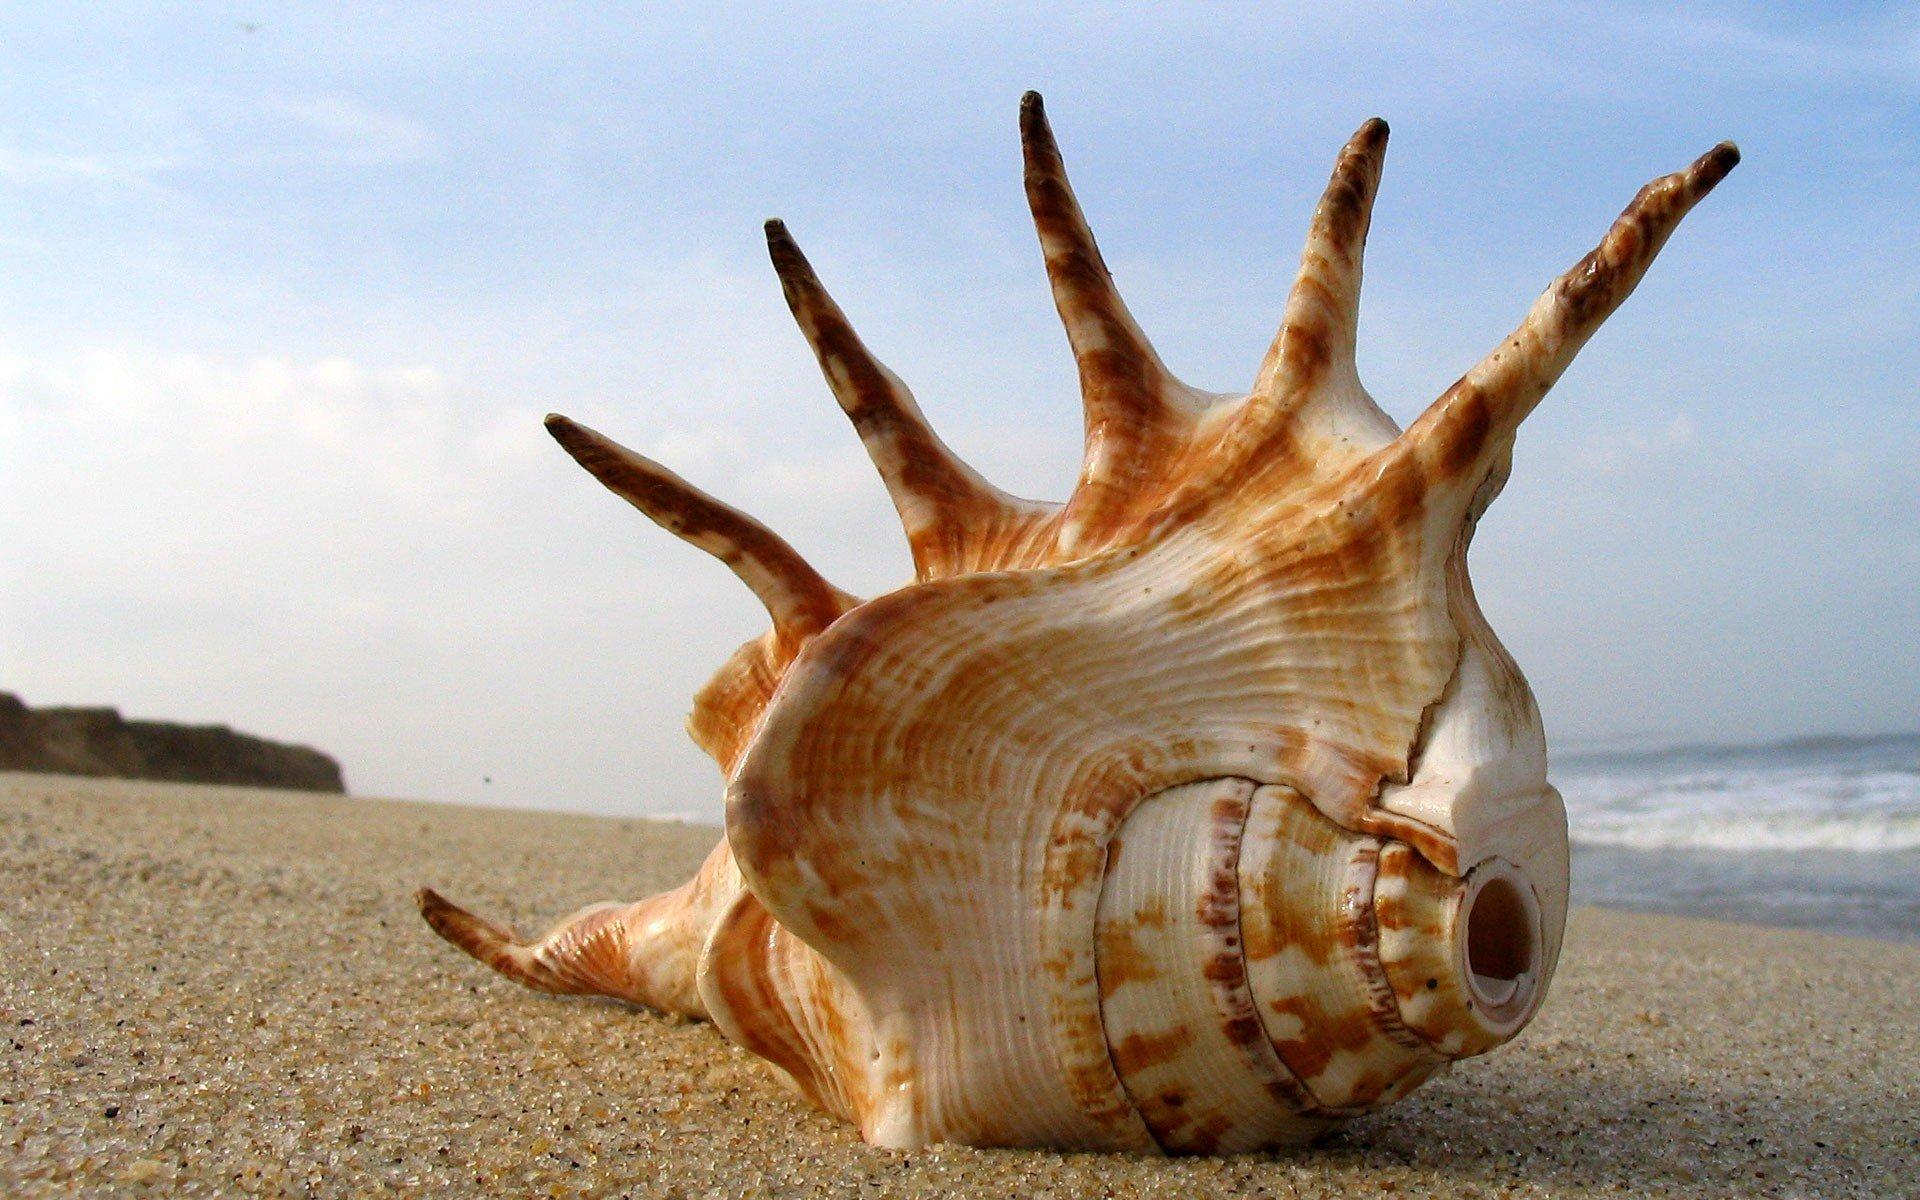 коньки это картинки прикол кто живет в океане эльфы